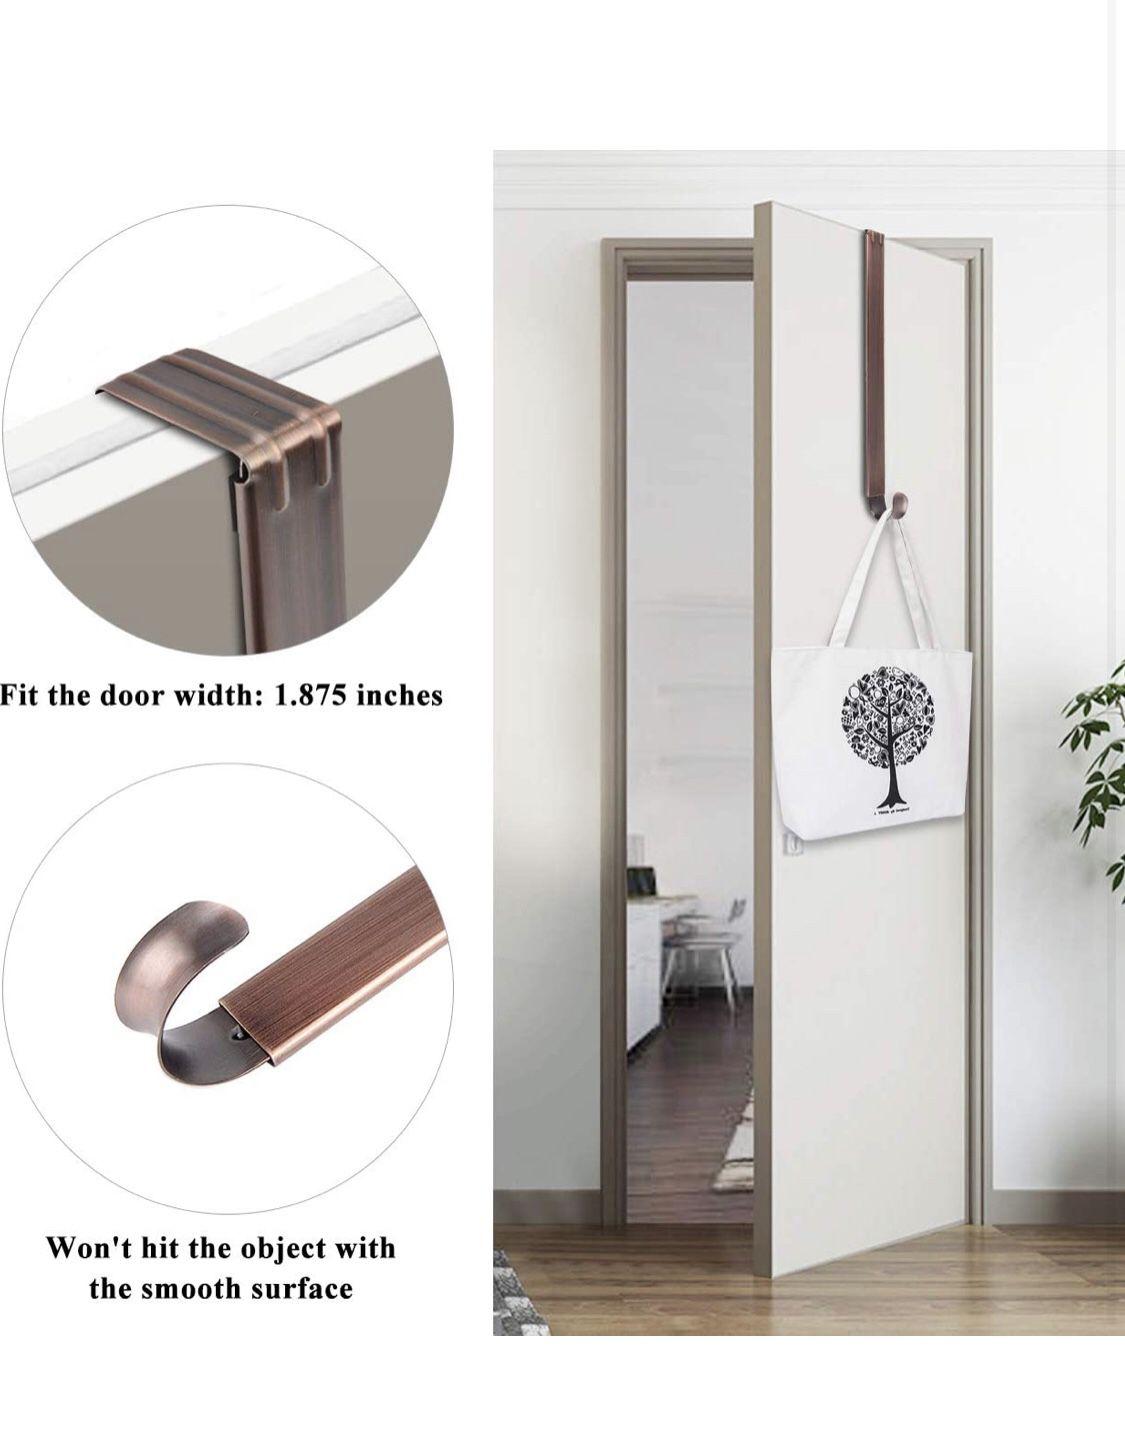 Wreath Door Hanger, Adjustable 15 to 25 Inch